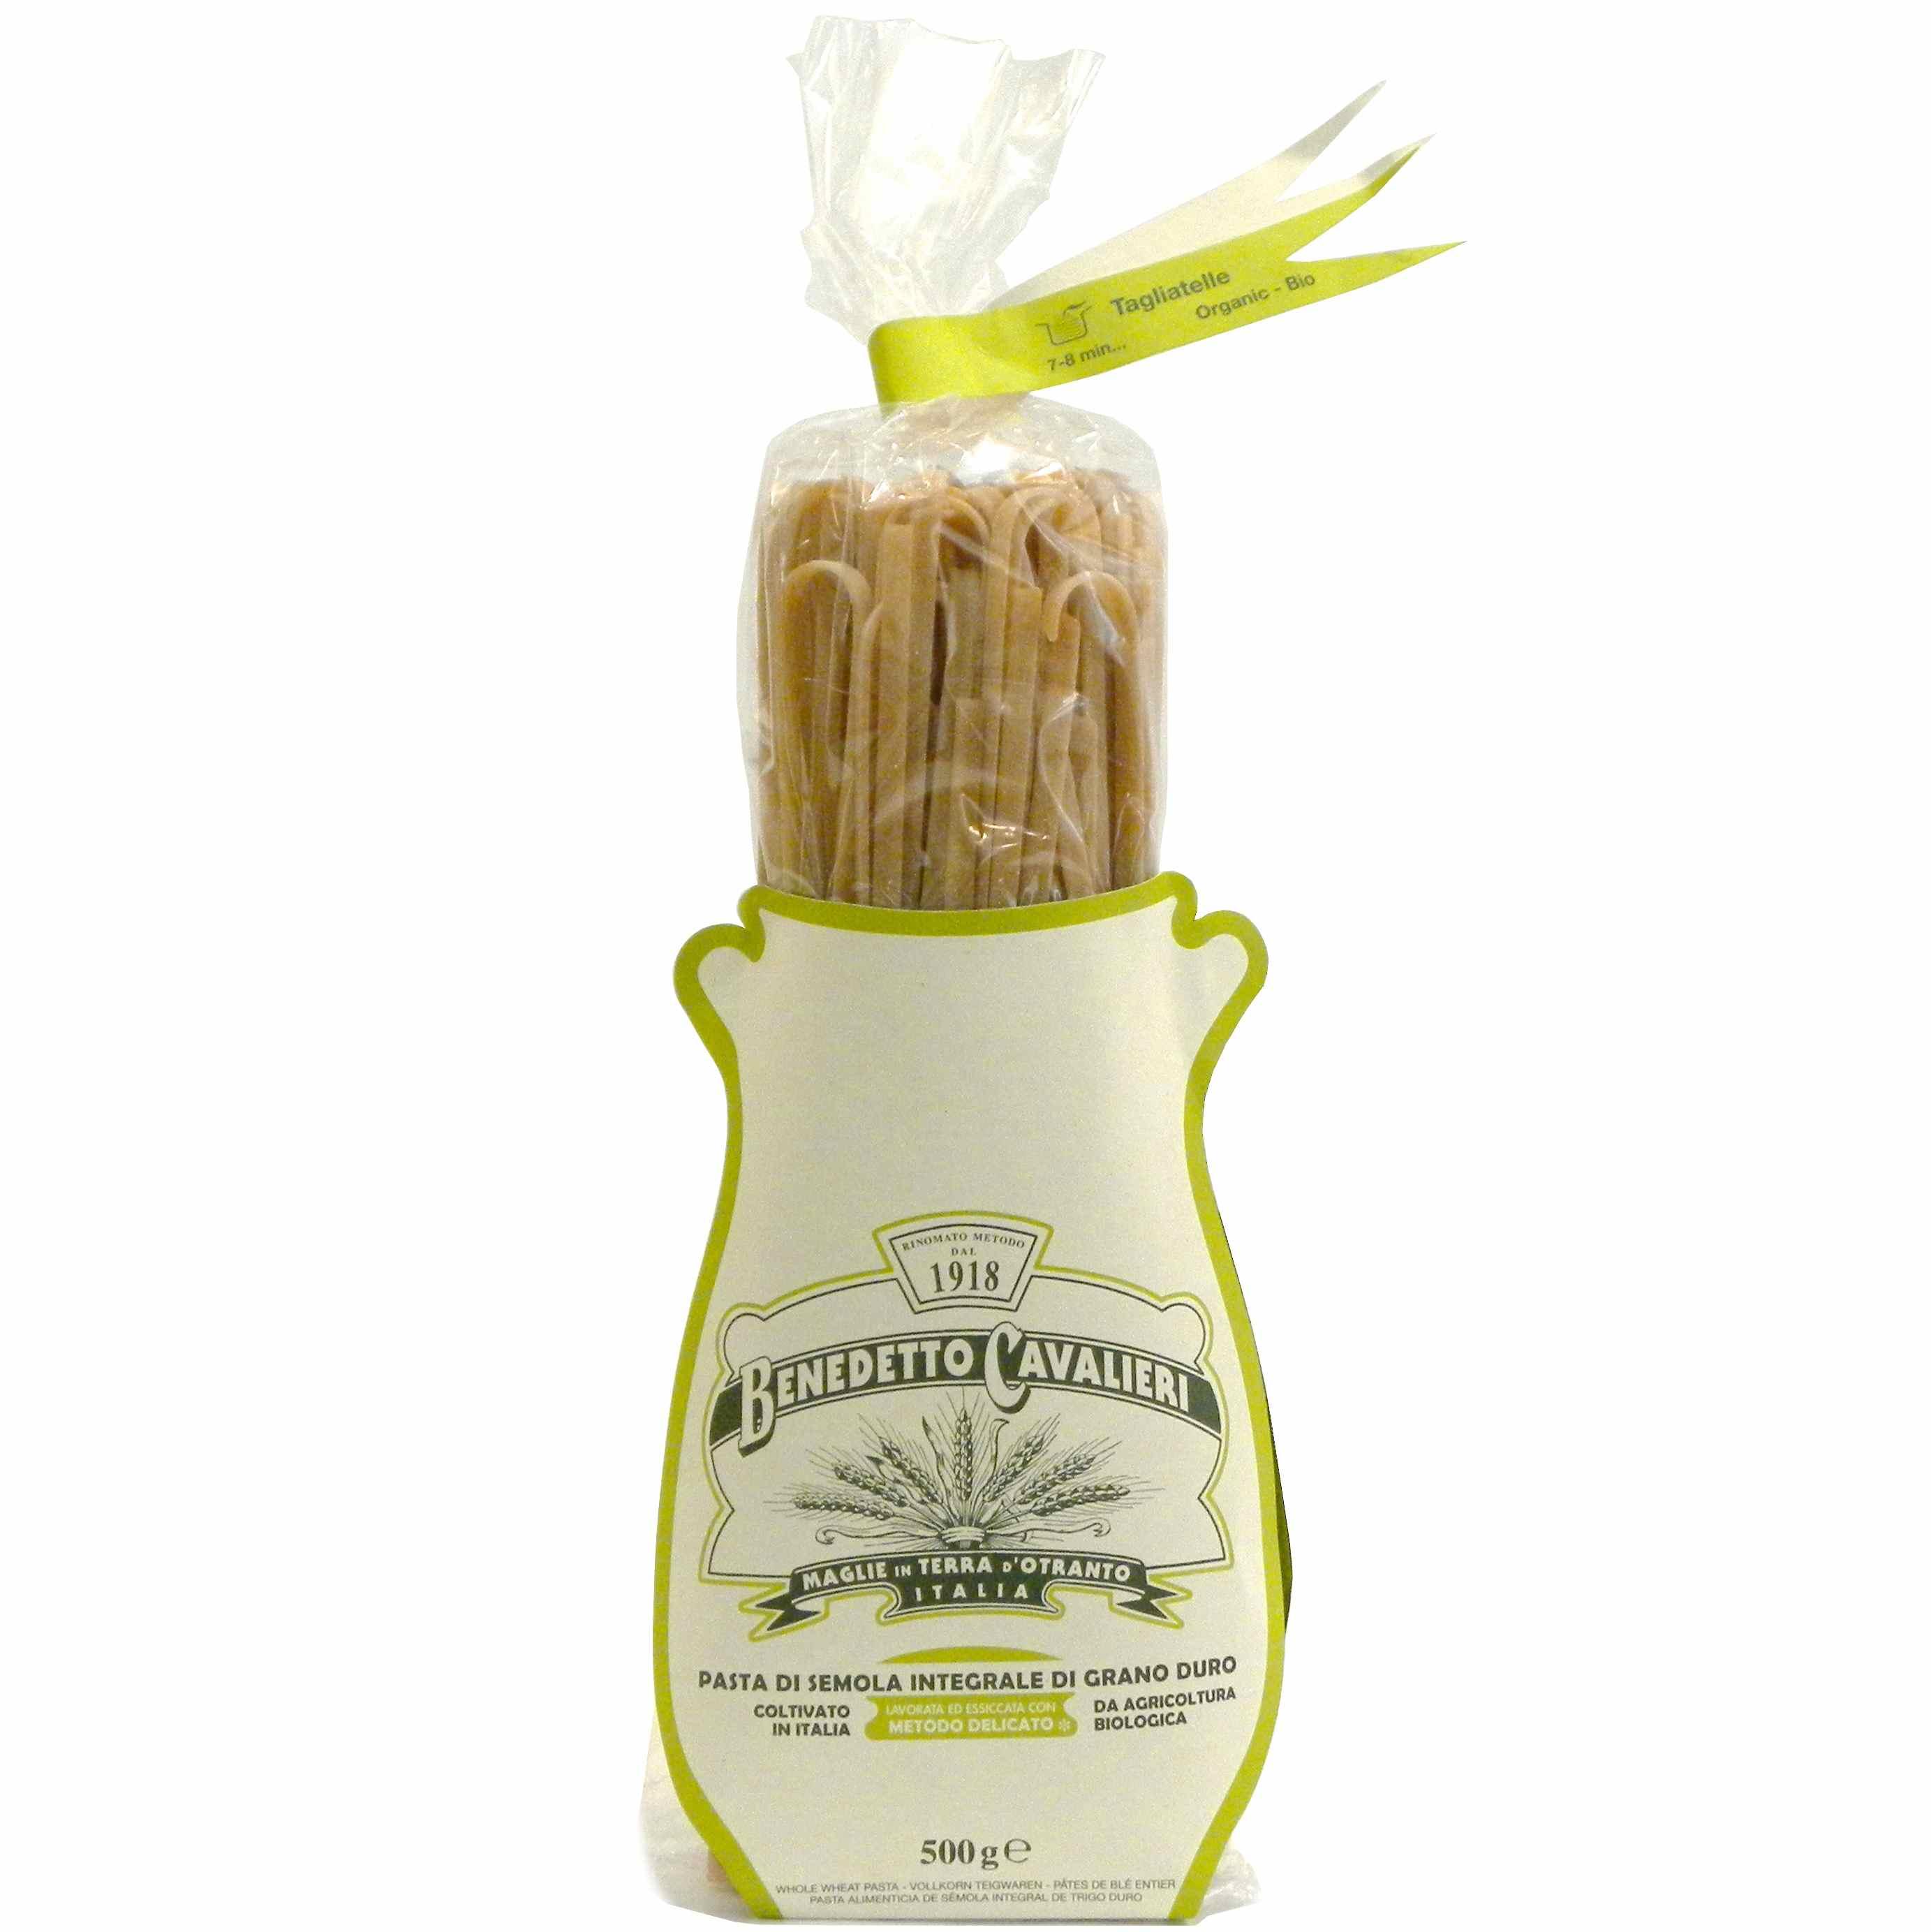 Benedetto Cavalieri Pasta Tagliatelle Bio Integrali – Benedetto Cavalieri Organic Whole wheat pasta tagliatelle -Gustorotondo – Italian food boutique